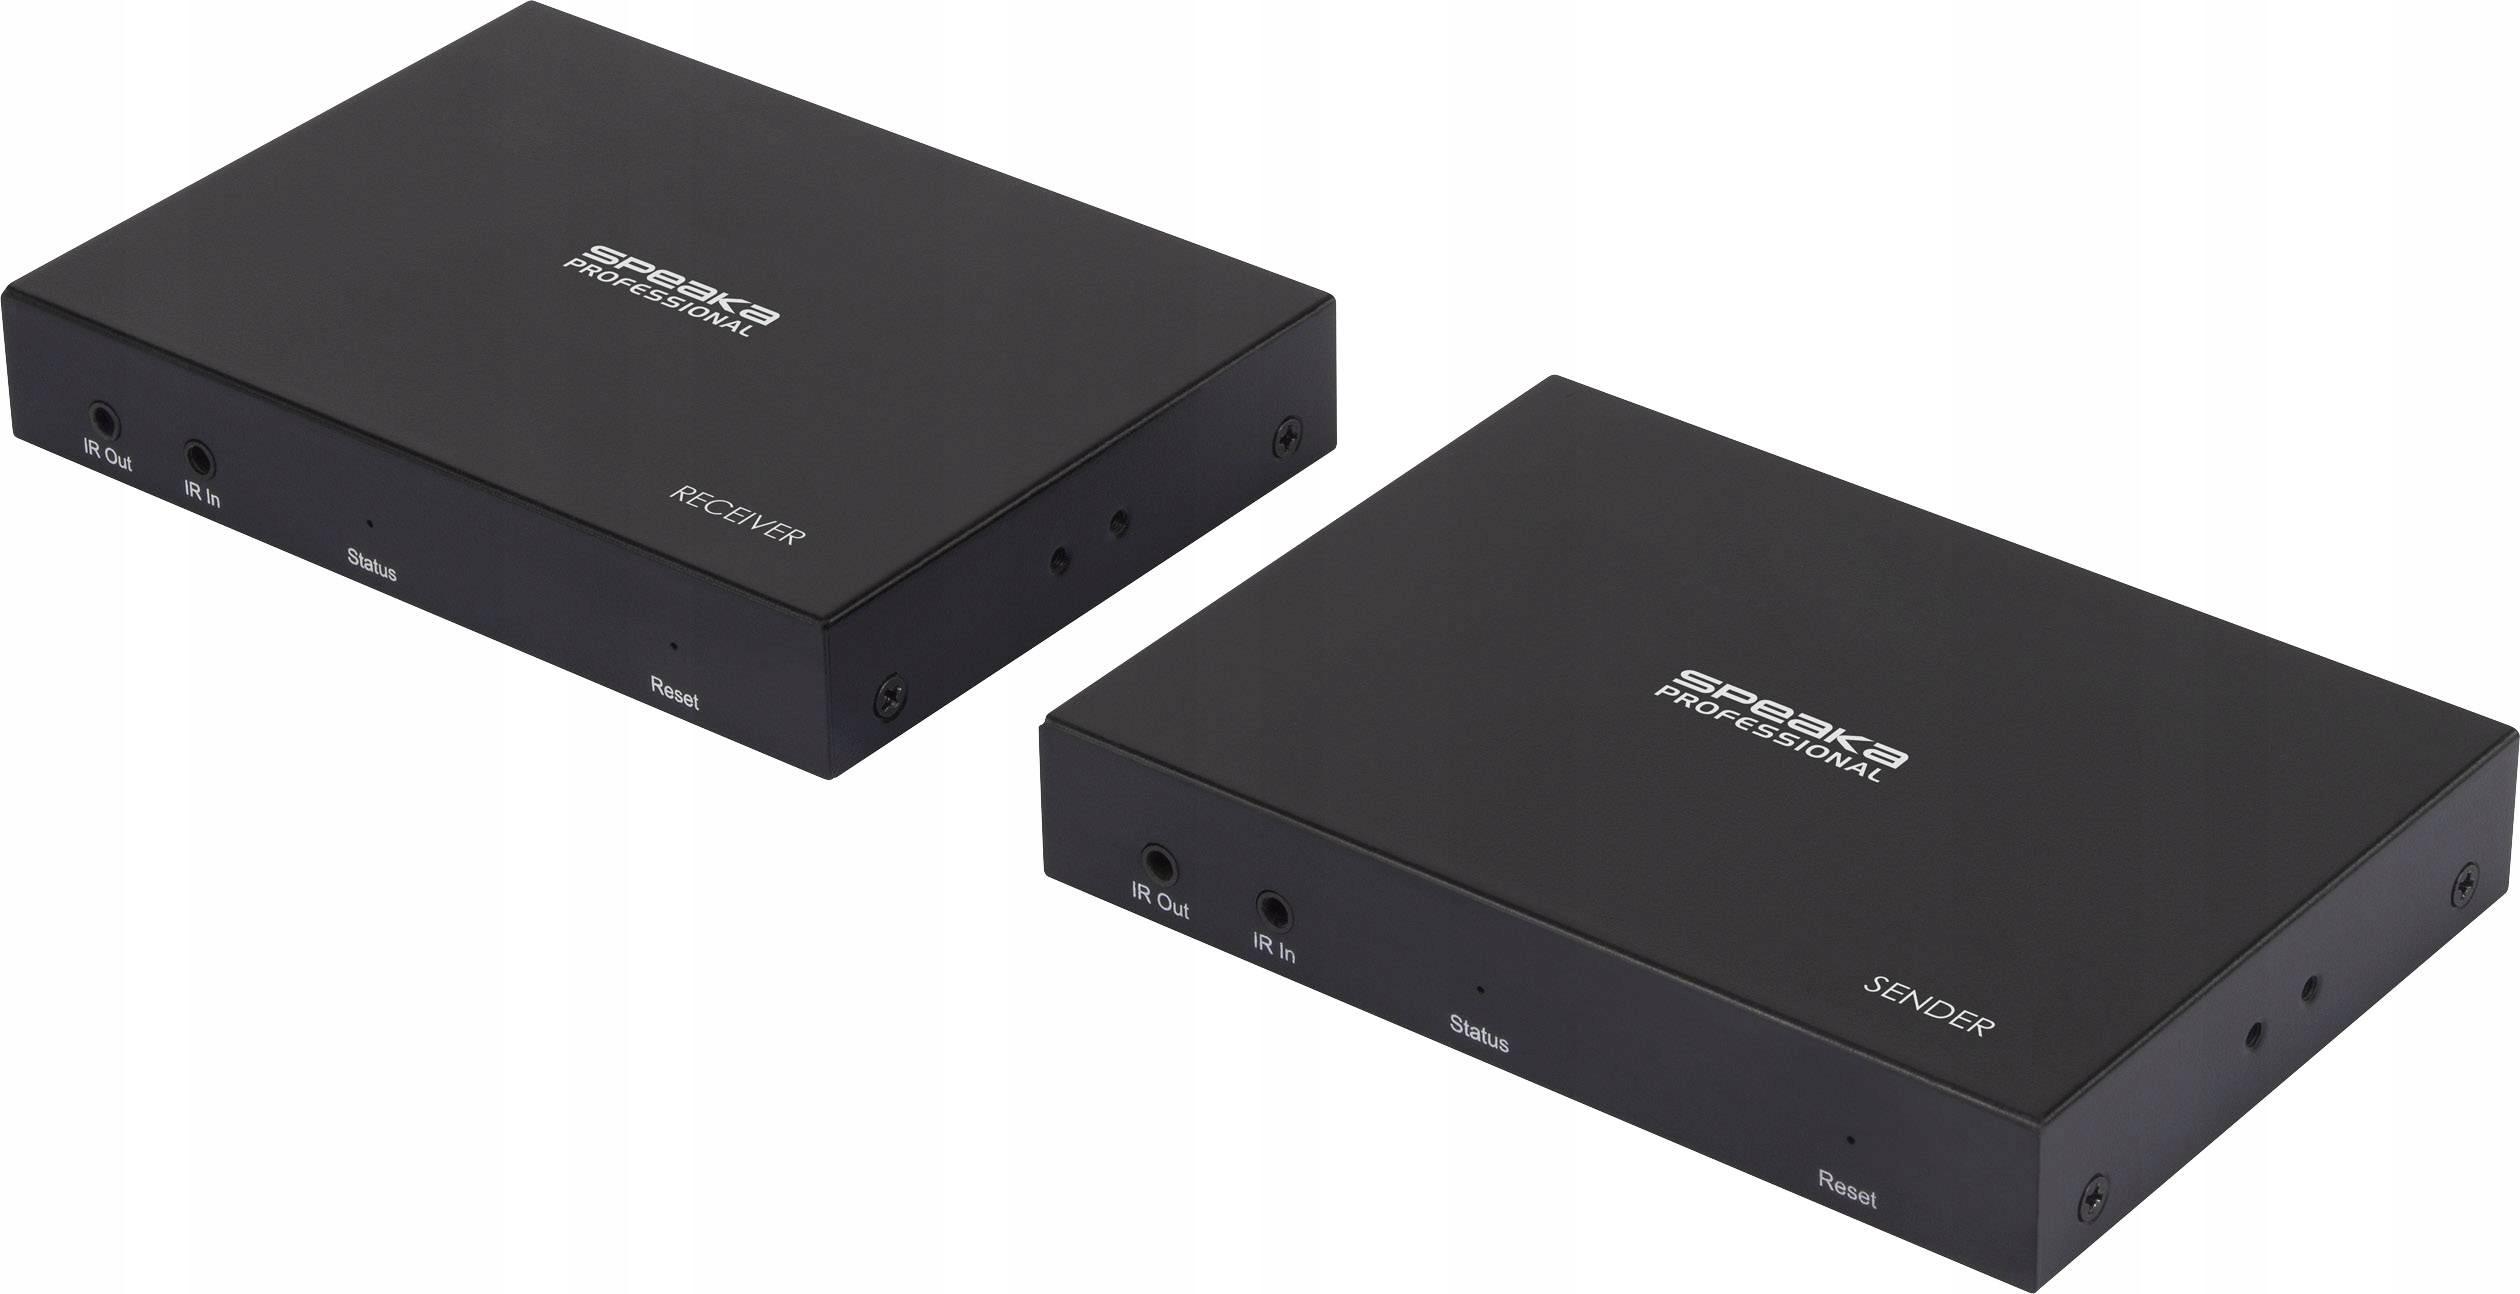 УДЛИНИТЕЛЬ EKSTANDER SPEAKA 77PRAń MCHQ40V12A HDMI купить из Европы доставка в Украину.